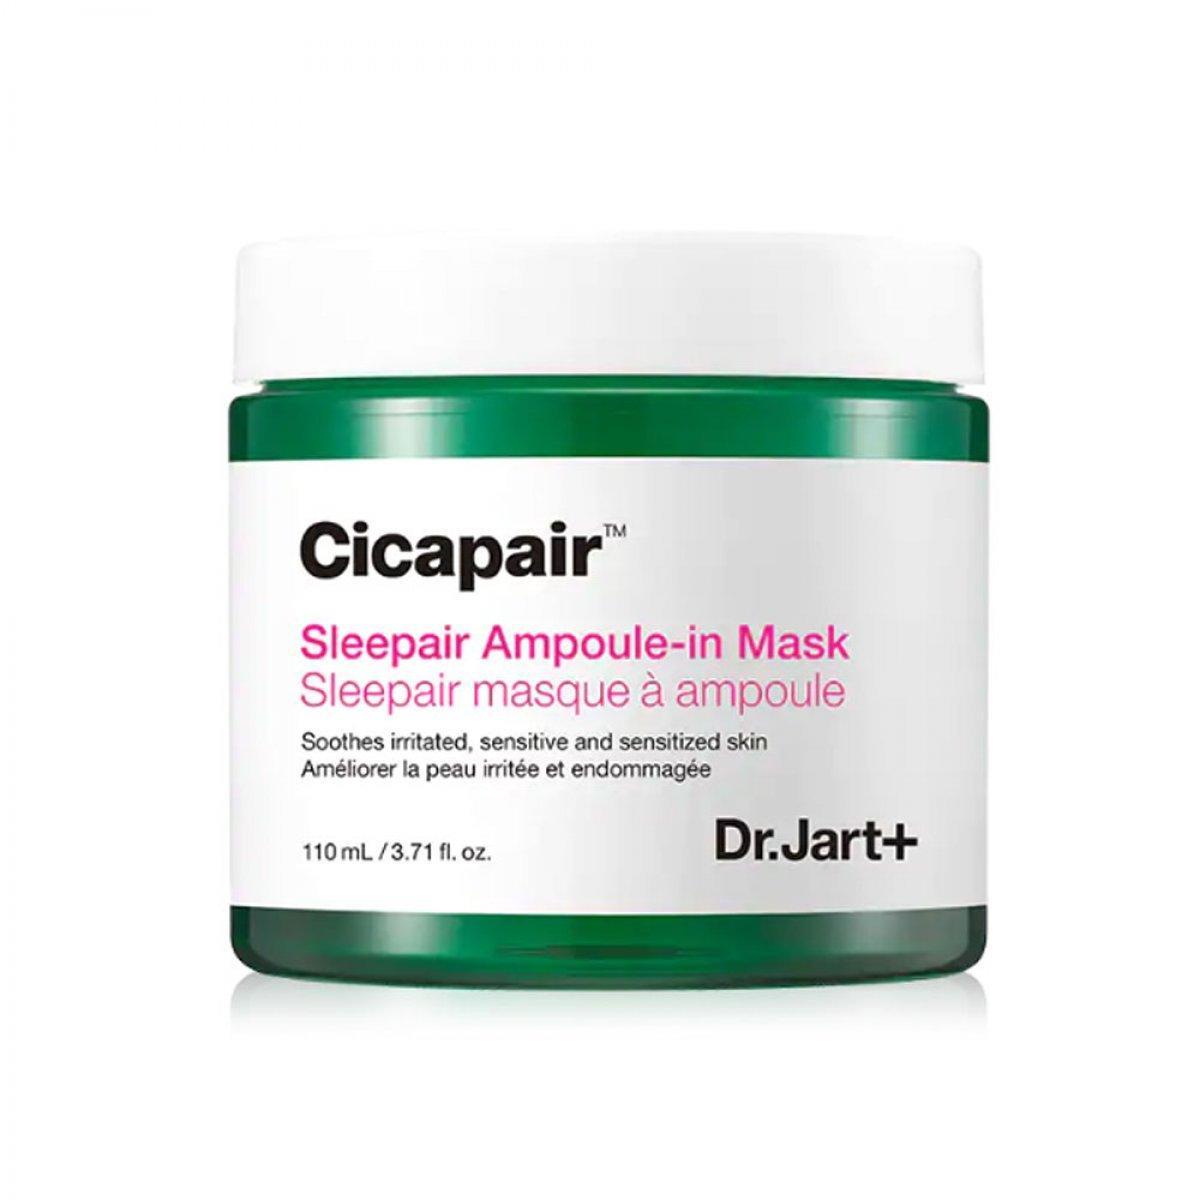 Ночная маска для чувствительной кожи лица Dr. Jart+ Cicapair Sleepair Ampoule-in Mask 110 мл (8809642711631)